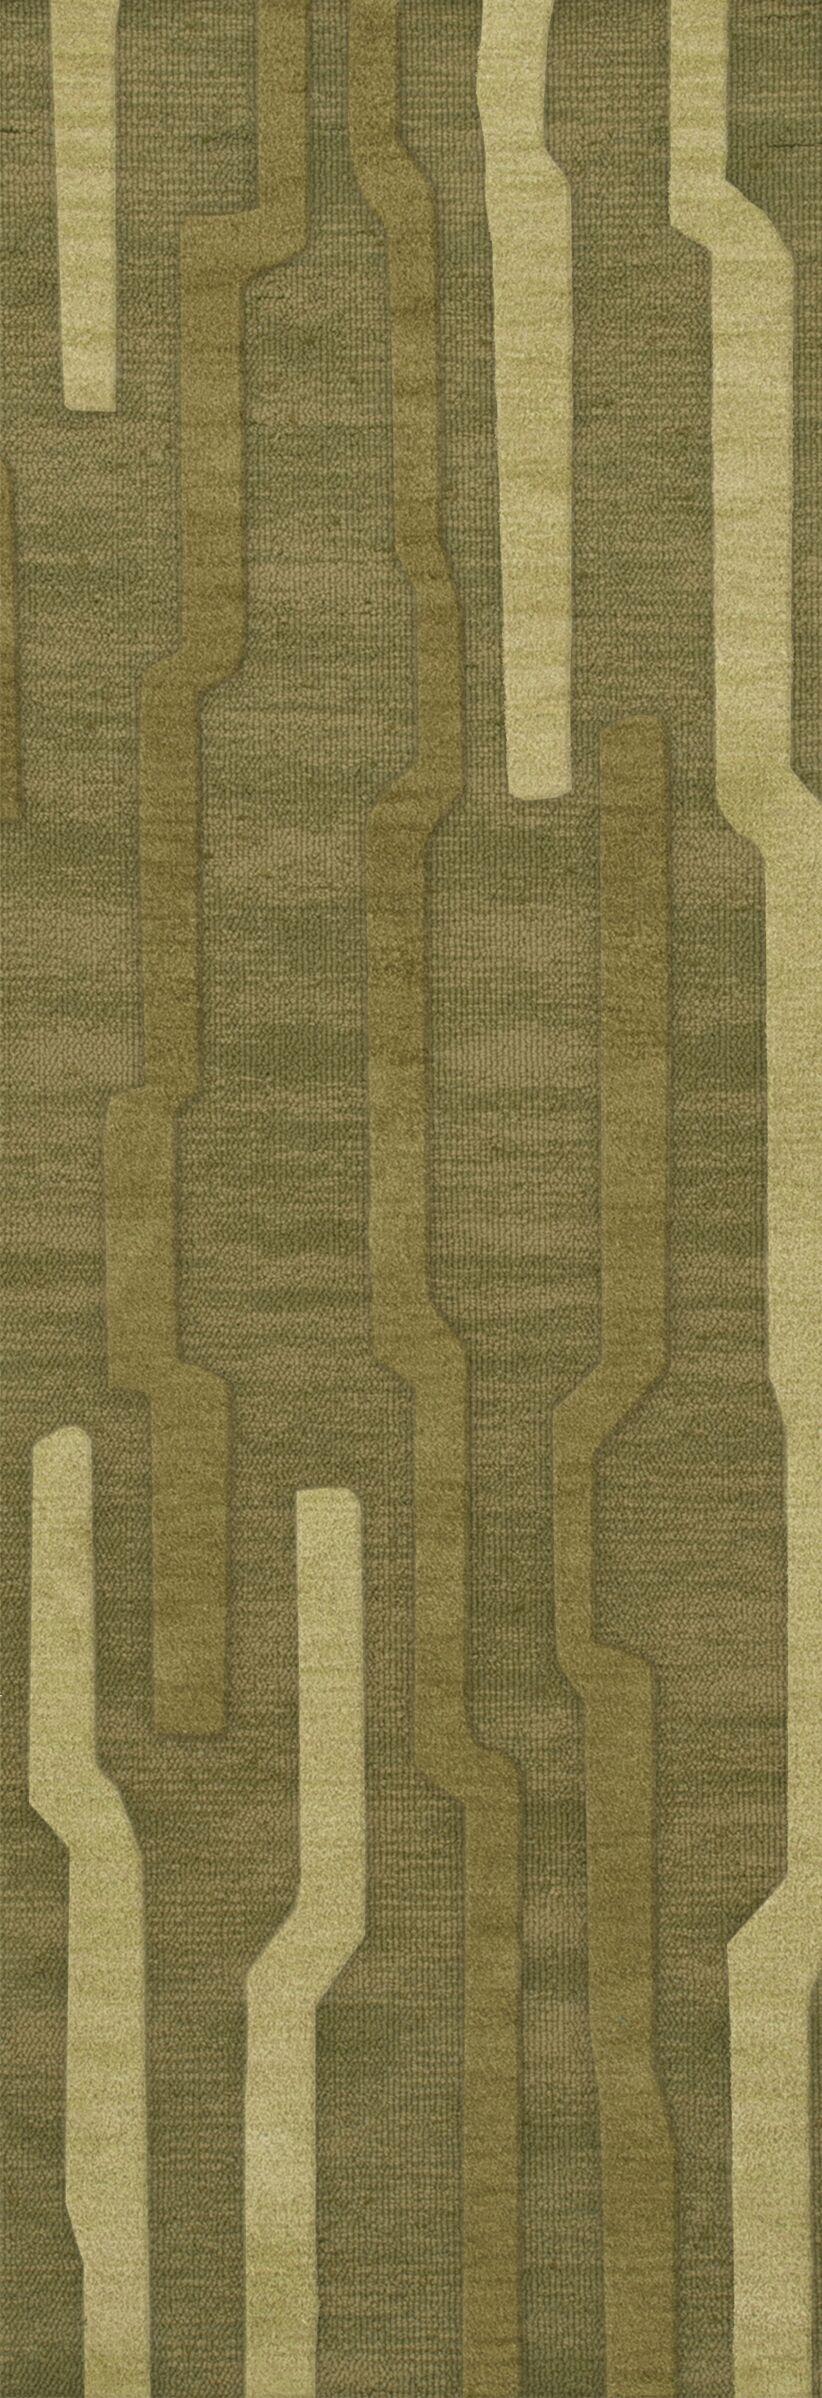 Haslett Wool Tarragon Area Rug Rug Size: Runner 2'6